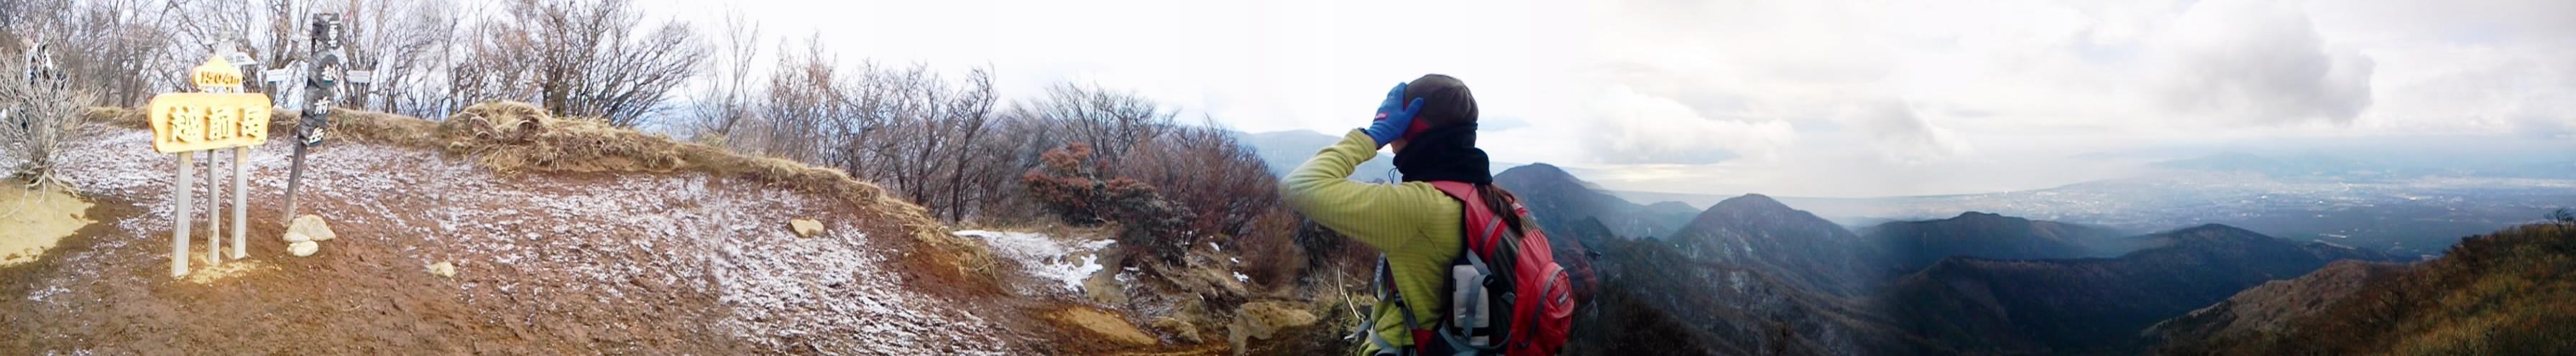 2011/1/3 越前岳に登りました。天候はあいにくの曇り空でした。頂上の方は、雪があり凍っていたので、下山の時、アイゼンを付けました。by kazuo